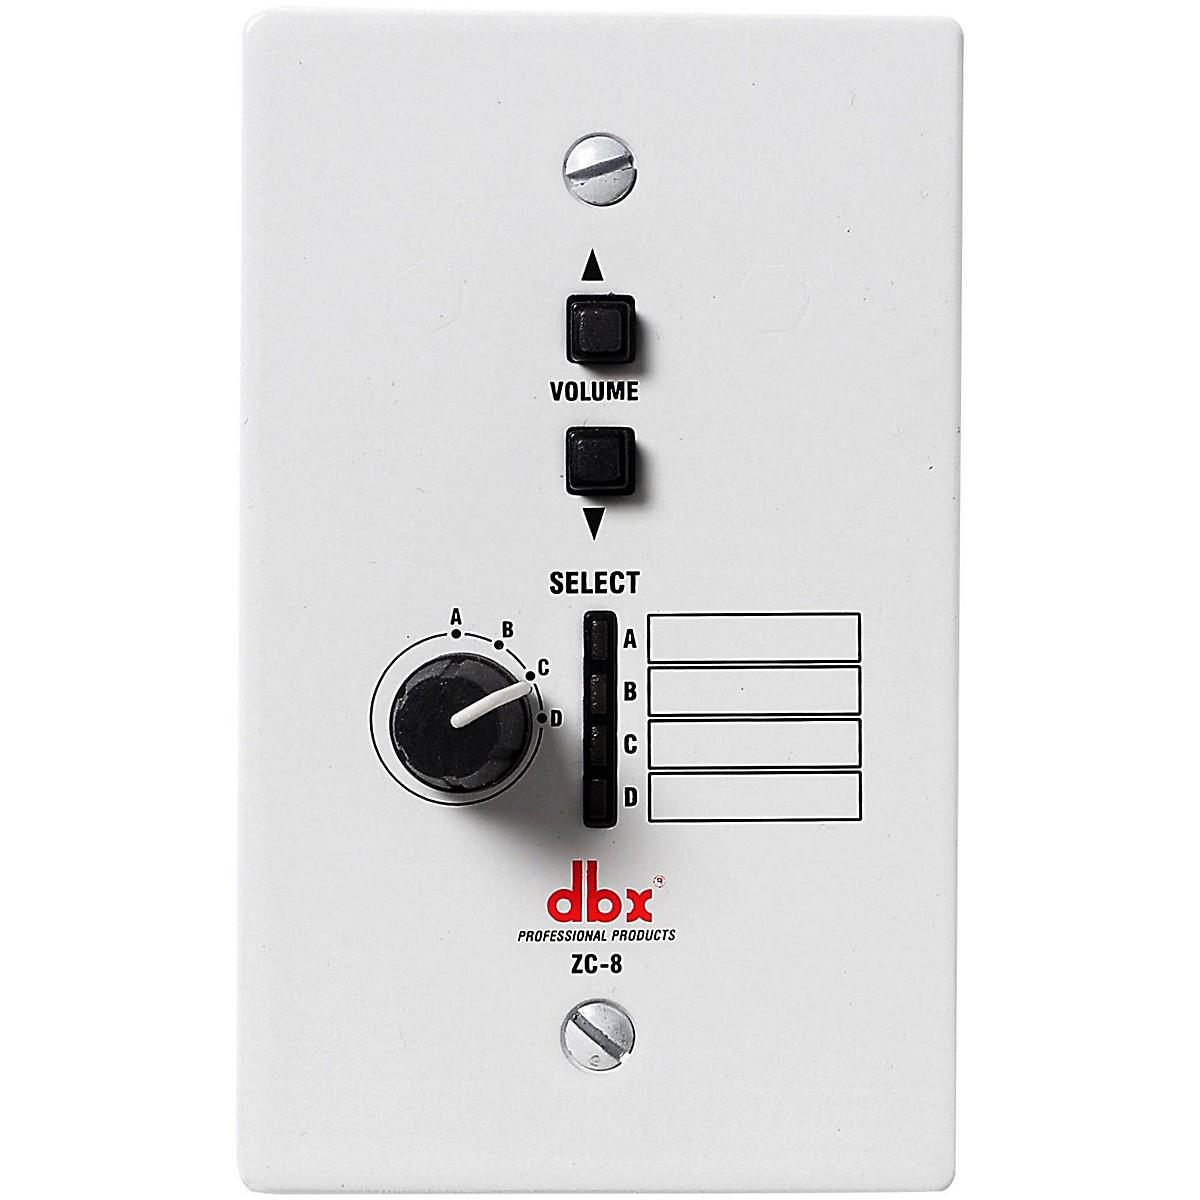 dbx DBXZC8V Wall Mount Zone Volume Control